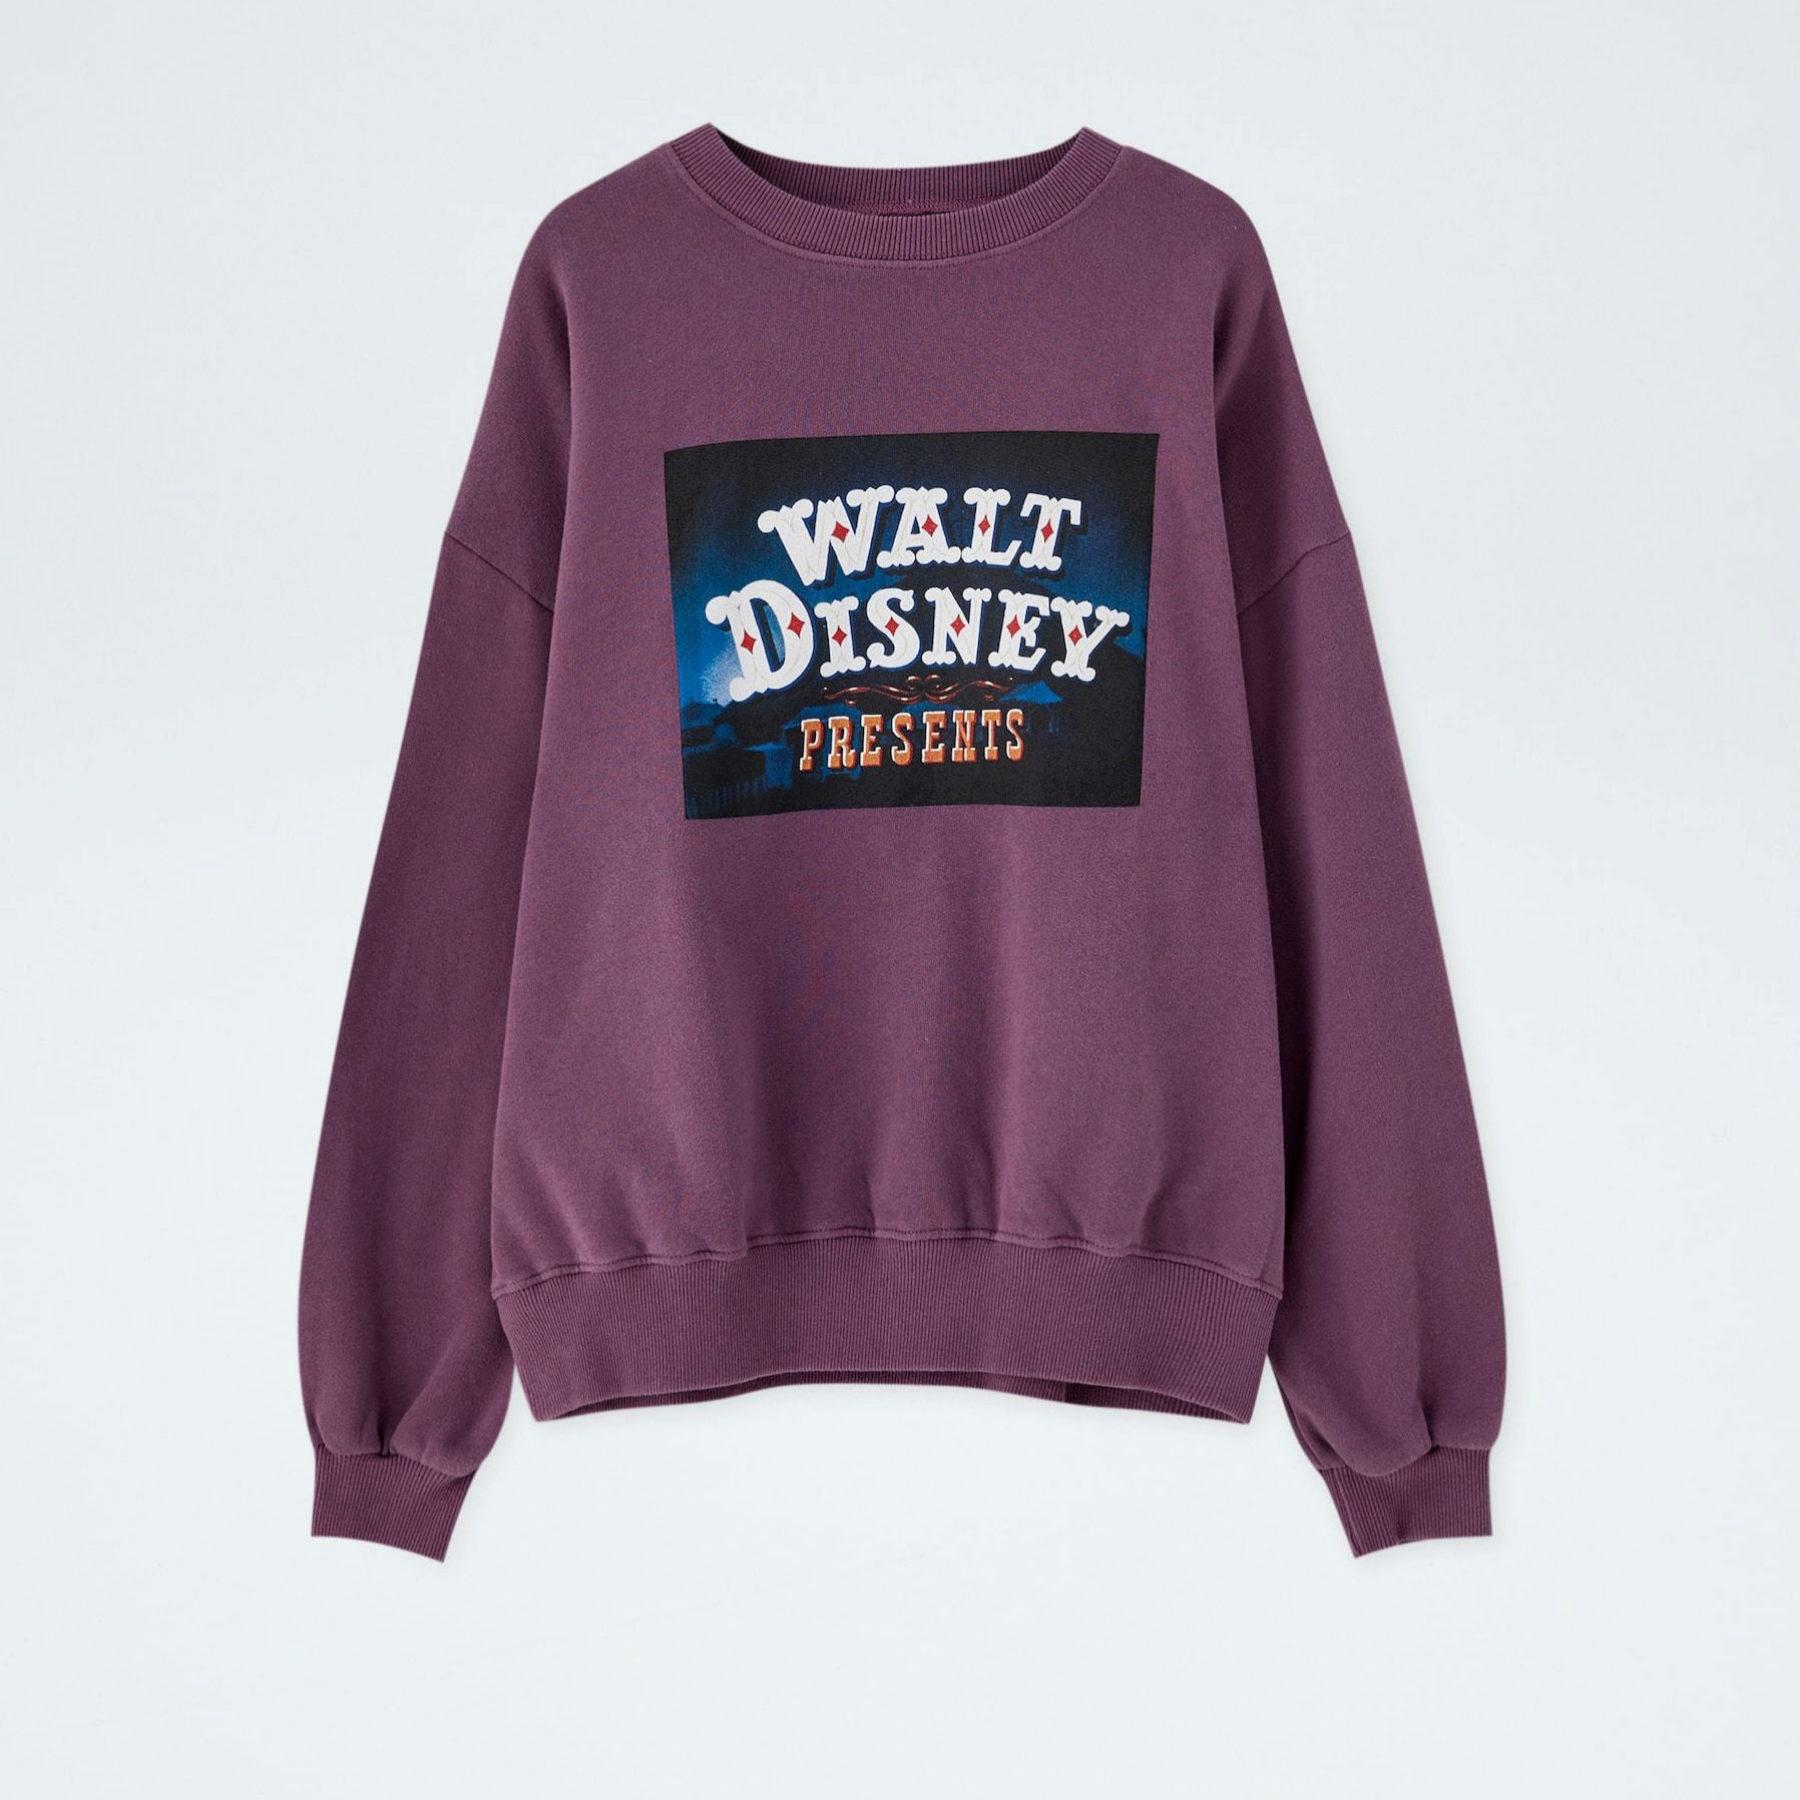 Sudadera de Disney de Pull & Bear